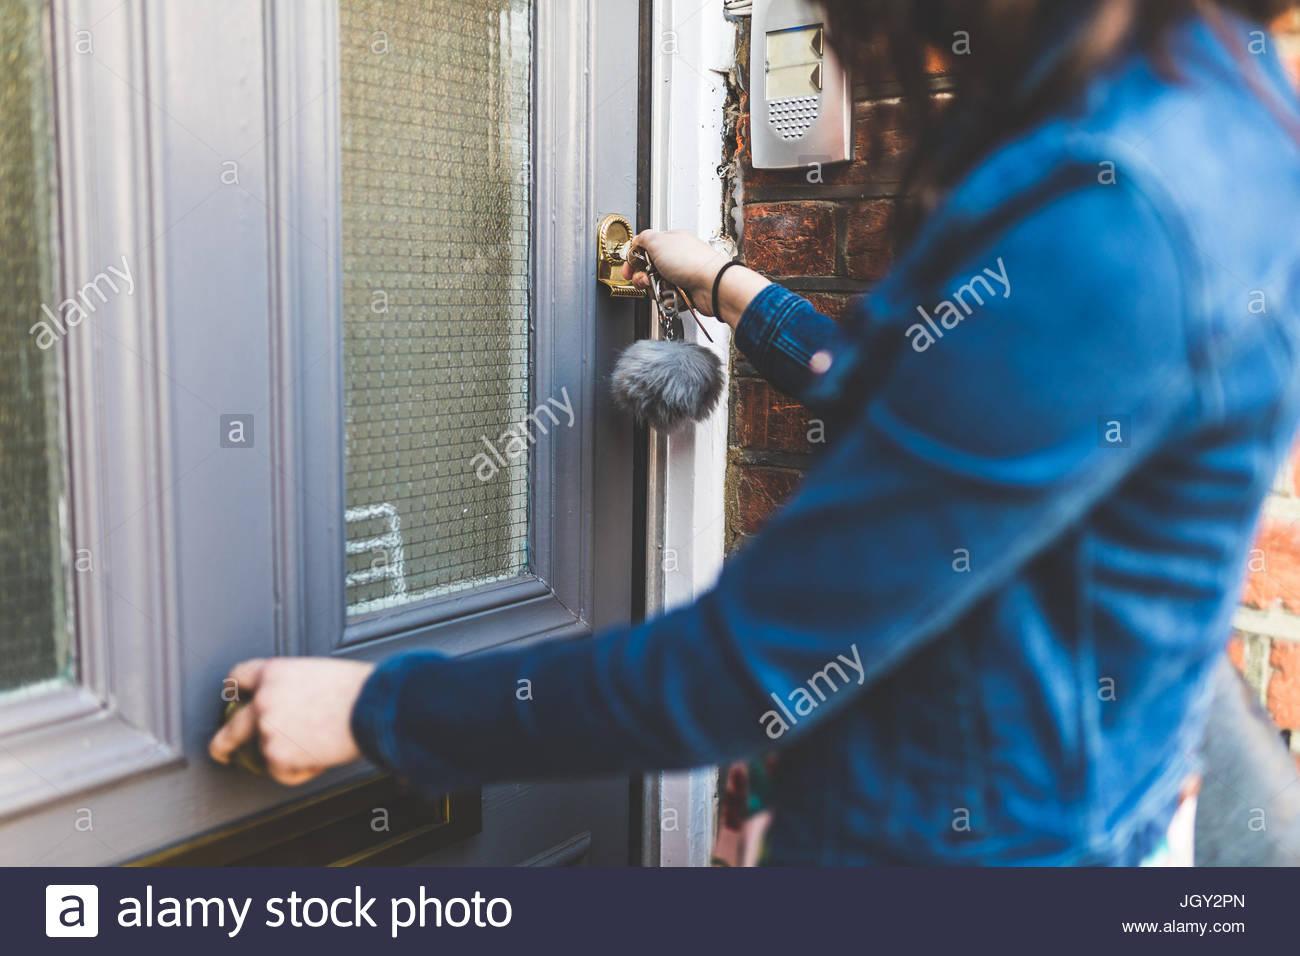 Giovane donna lasciando house, il bloccaggio della porta anteriore, sezione centrale Foto Stock